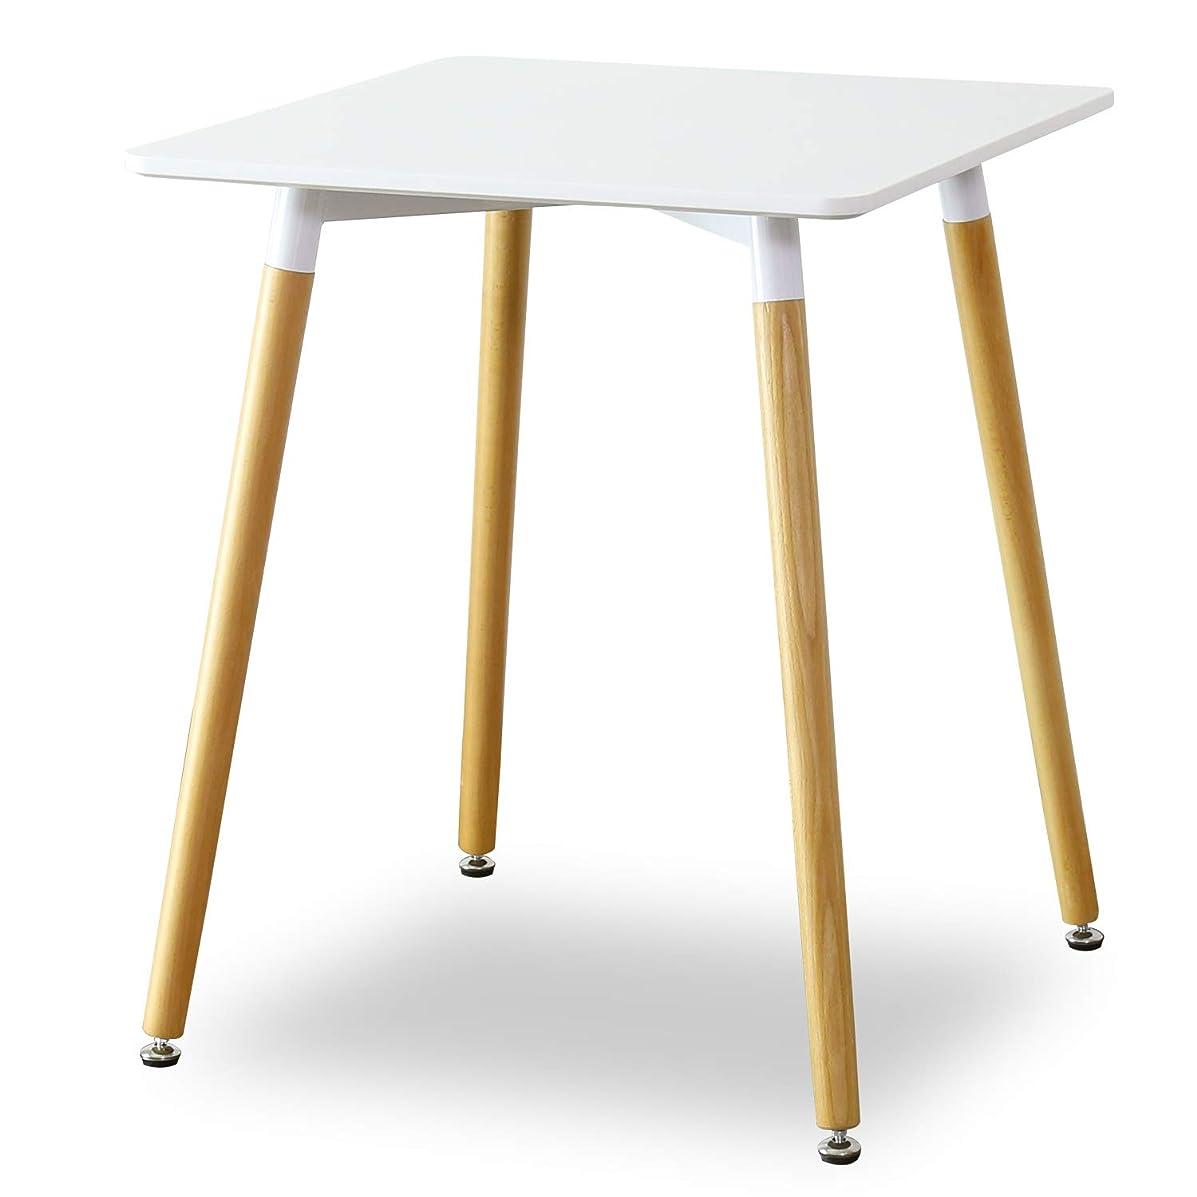 楕円形伝える前奏曲DORIS テーブル イームズ リプロダクト 2人用 コンパクト 幅60 高さ72 デザイナーズ カフェテーブル 角型テーブル ホワイト エッジ